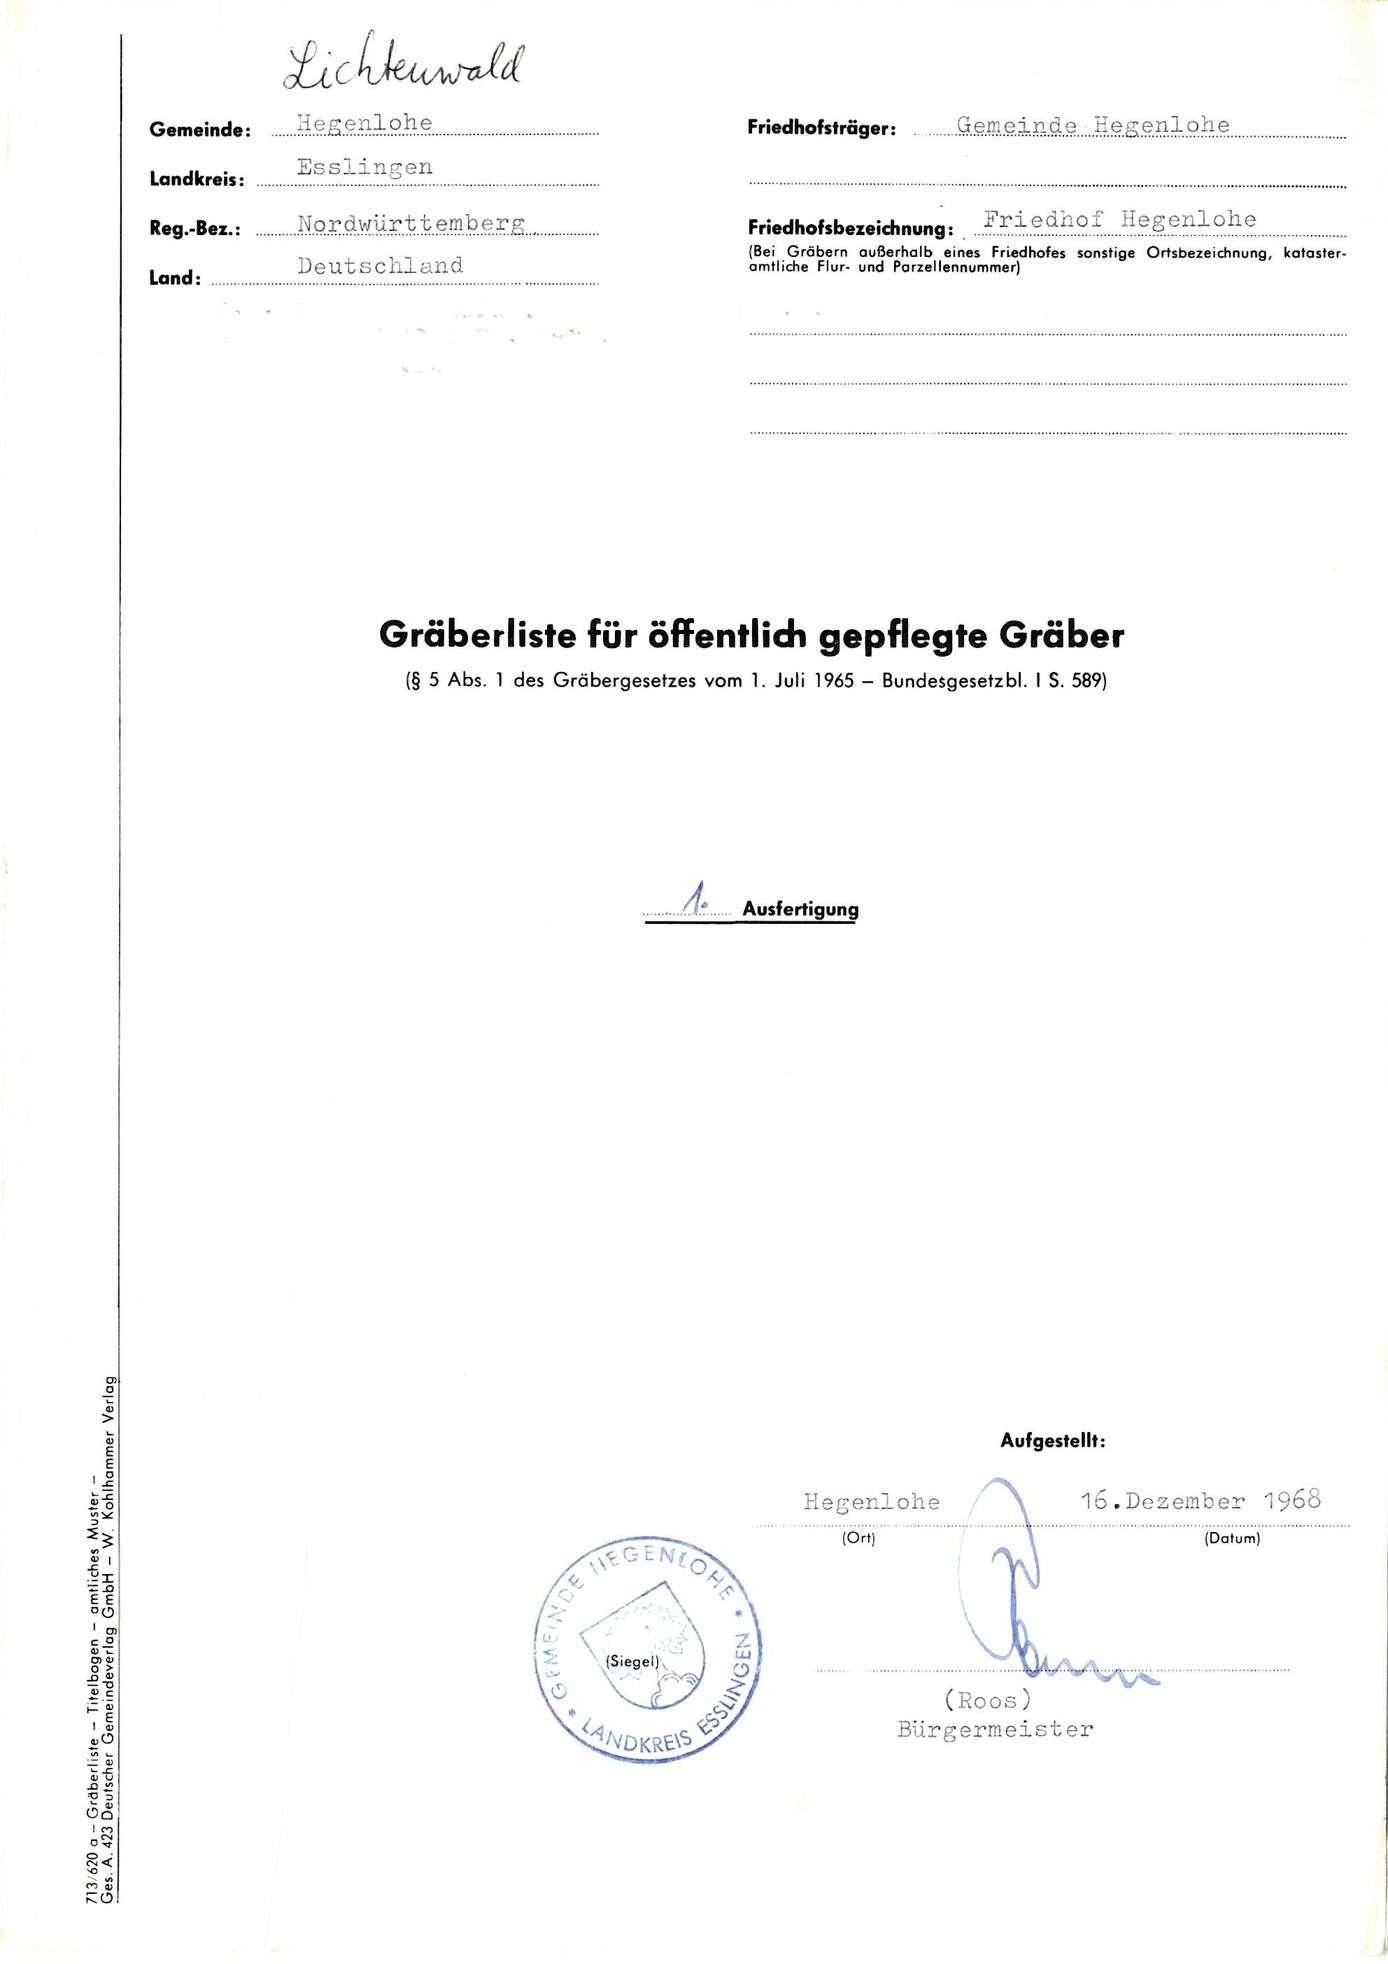 Hegenlohe, Bild 1